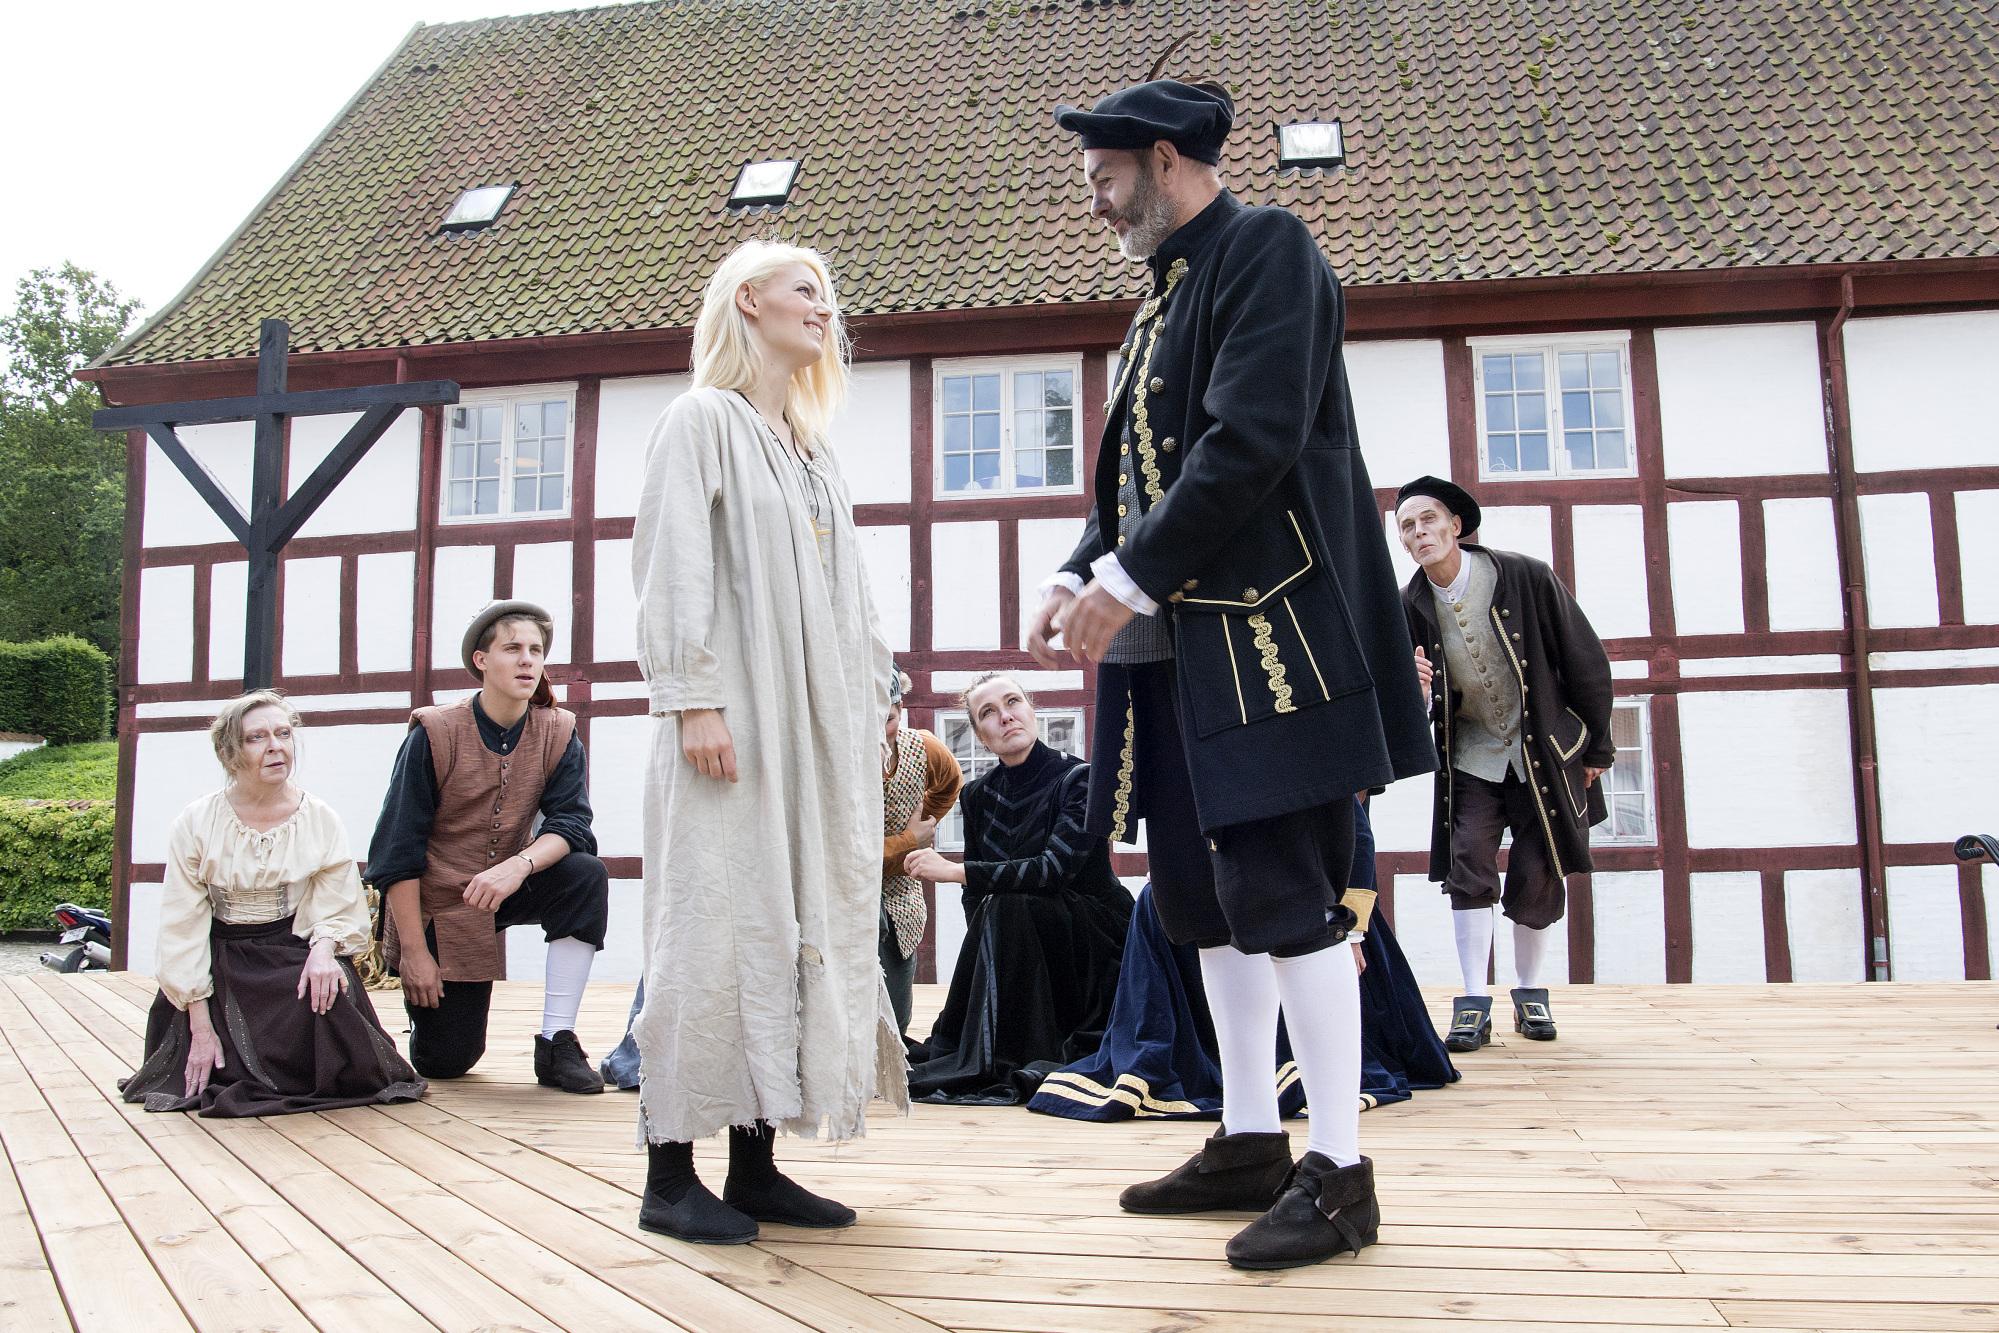 Aalborg Slotsteater har før iscenesat historiske fortællinger - her Jomfru Ane & Maren Turis i 2017 Arkivfoto: Andreas Falck